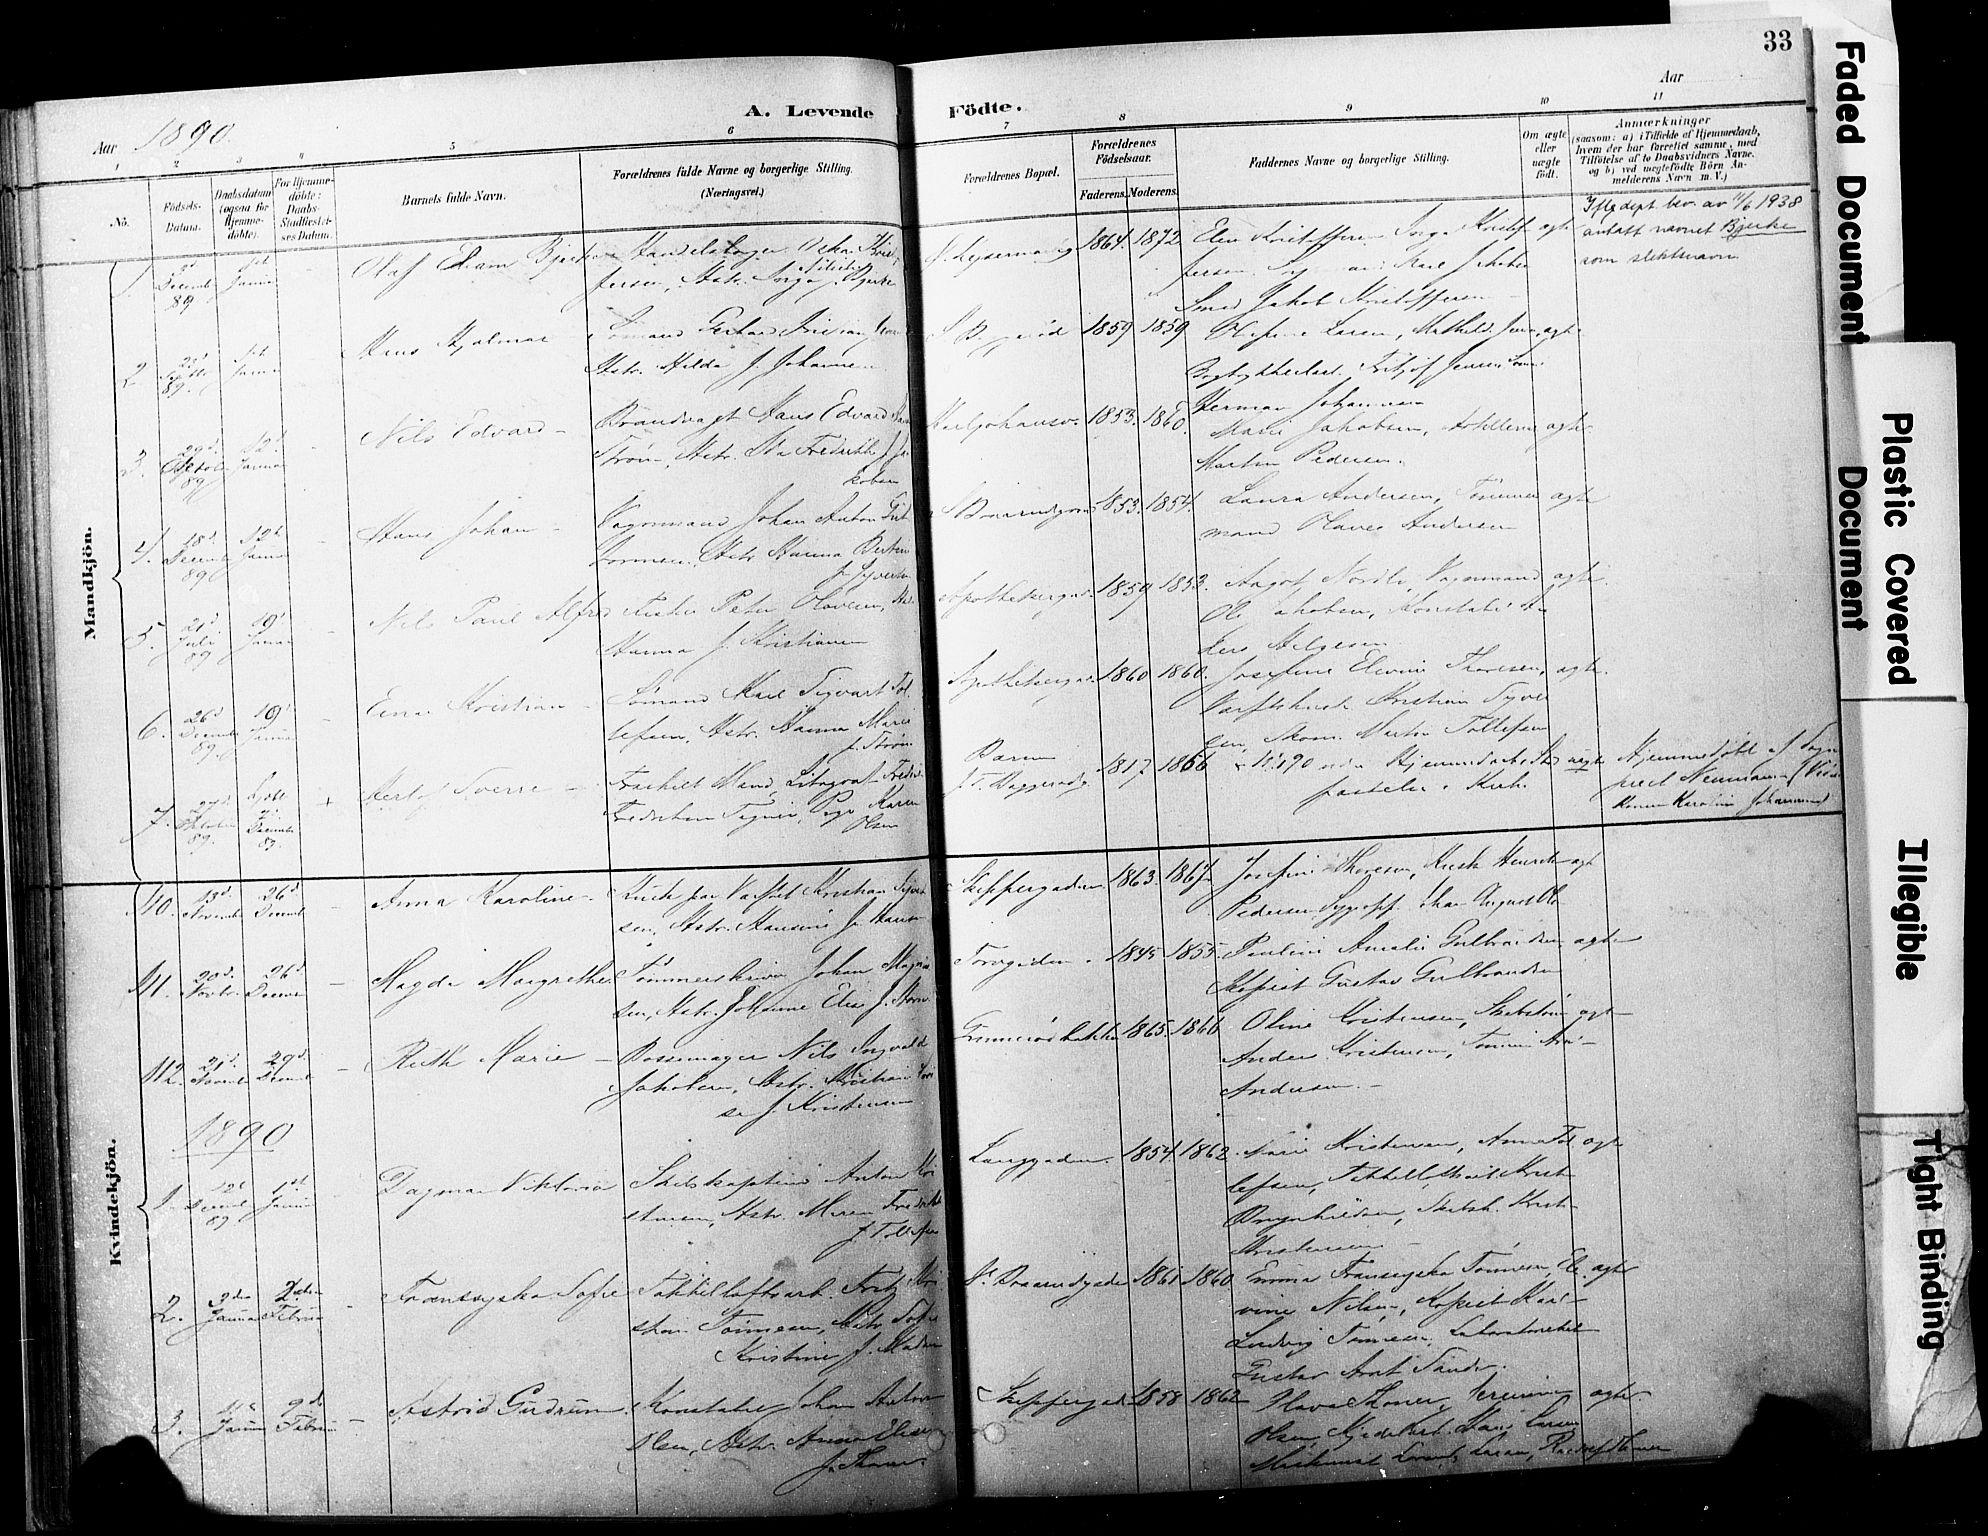 SAKO, Horten kirkebøker, F/Fa/L0004: Ministerialbok nr. 4, 1888-1895, s. 33